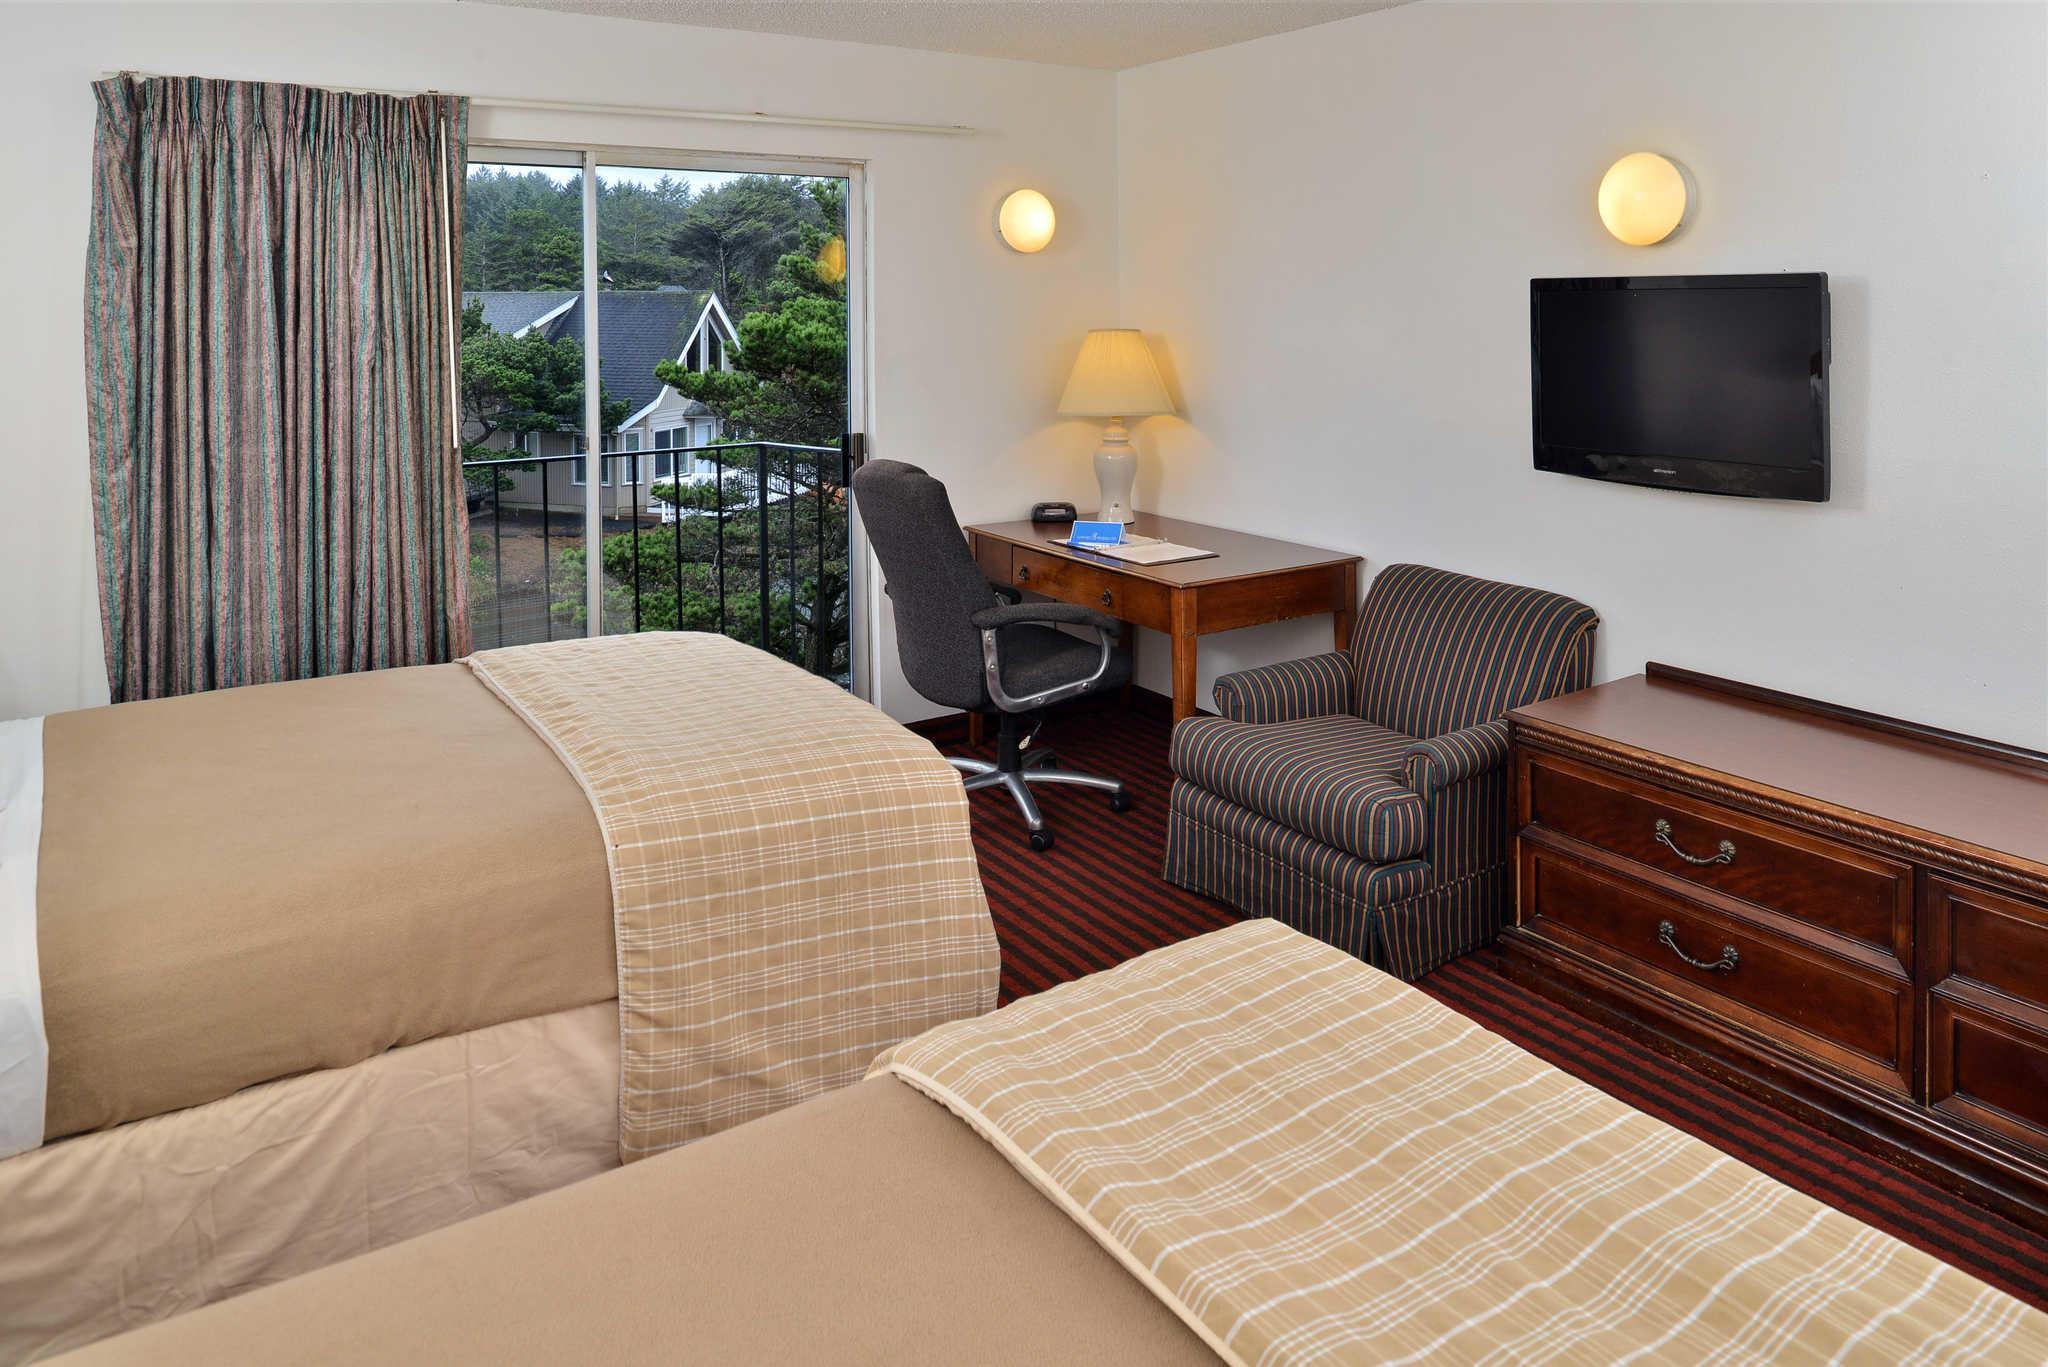 Rodeway Inn & Suites - Closed image 10